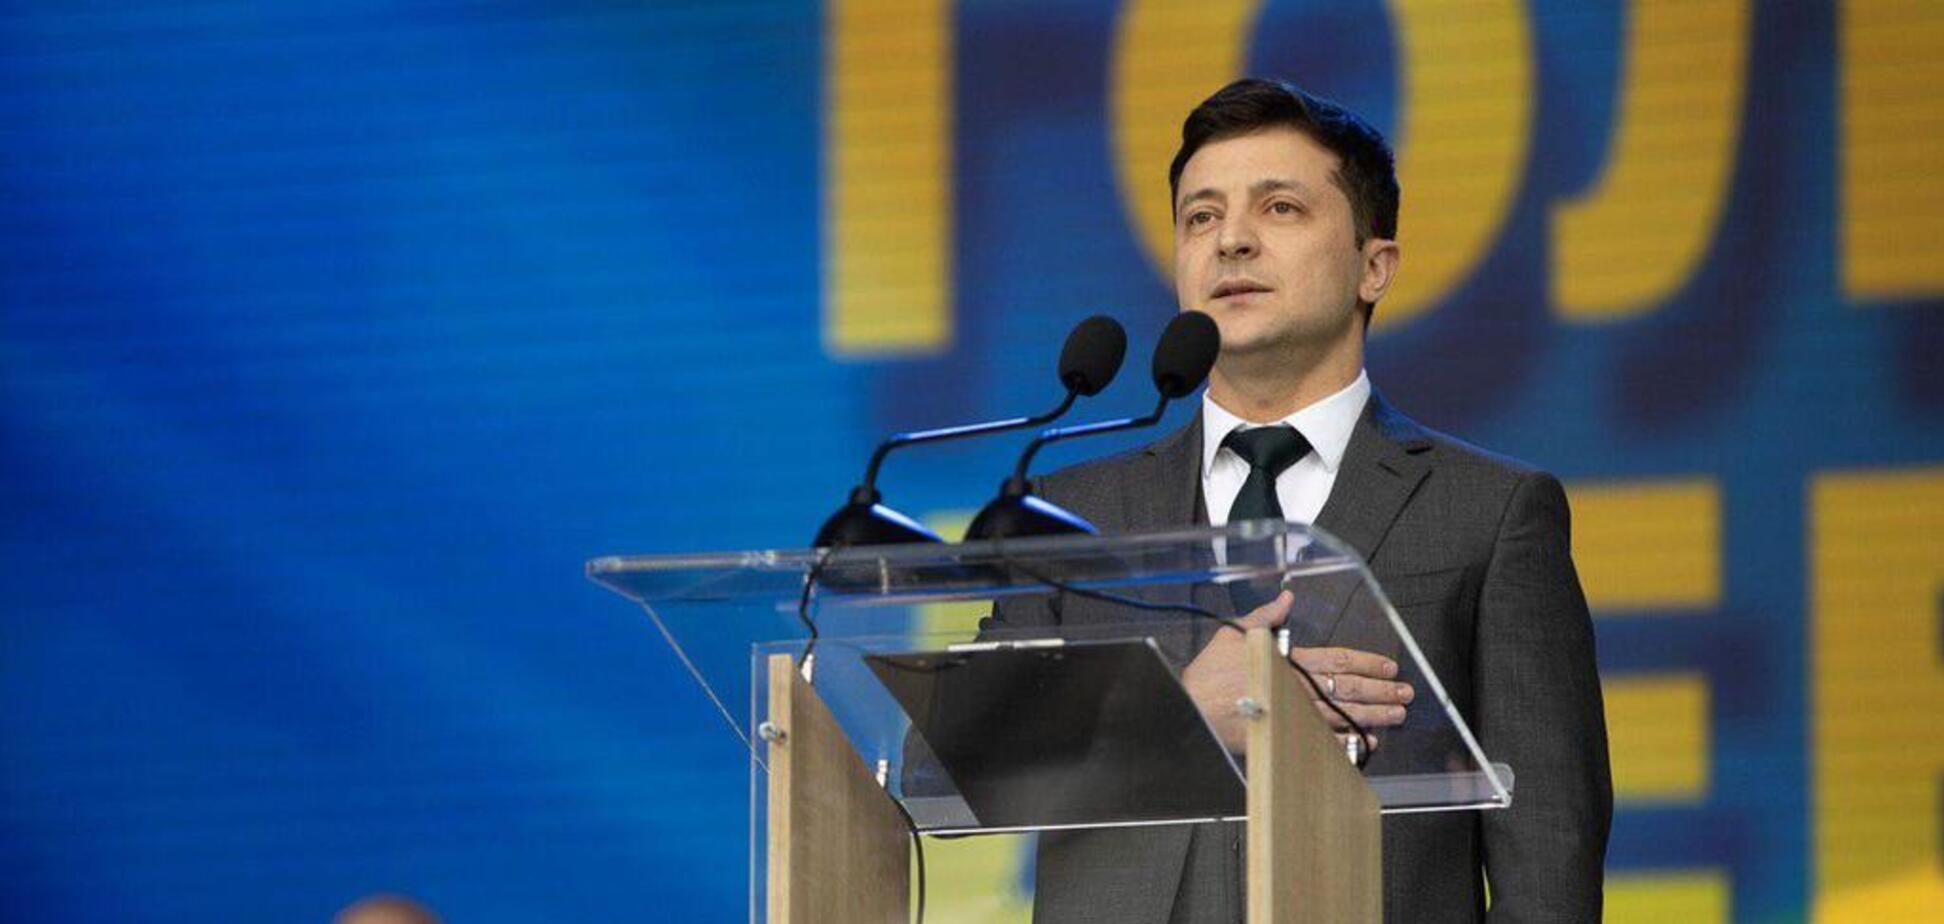 Зеленський переміг: ЦВК офіційно оголосила результати виборів